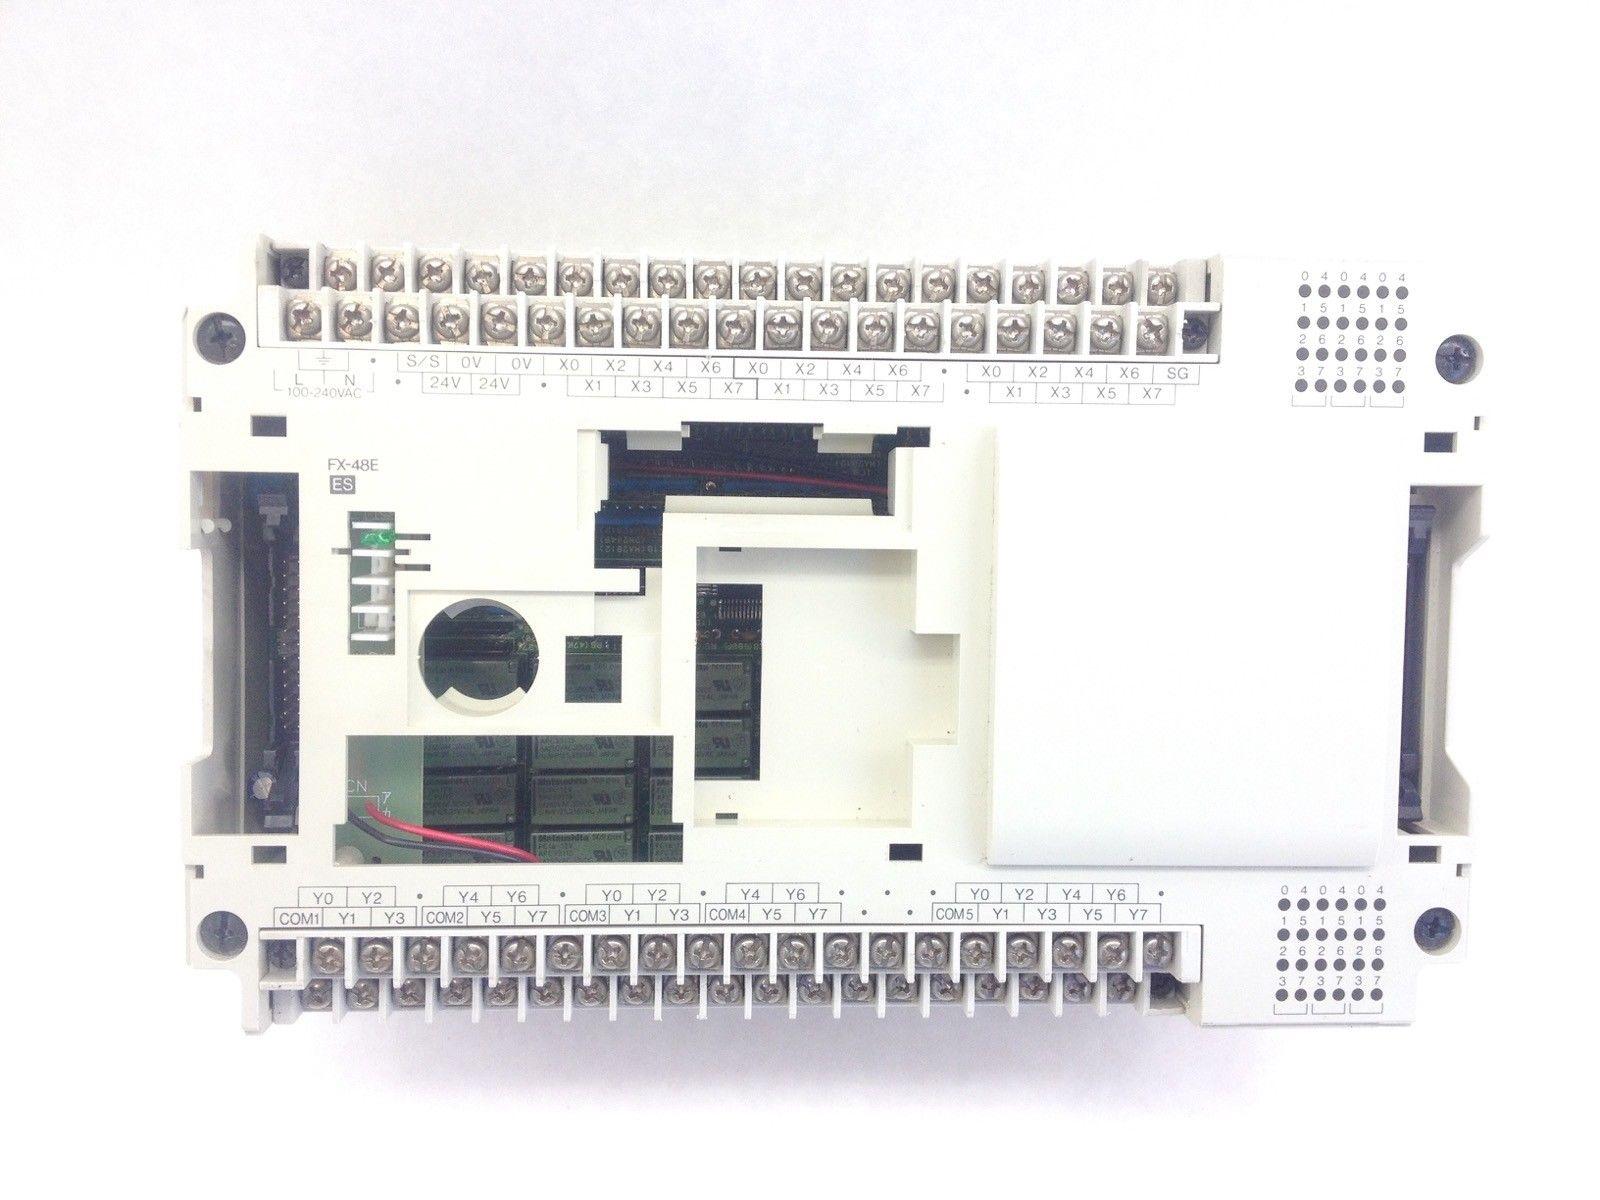 MITSUBISHI MELSEC FX-48ER-ES PROGRAMMABLE CONTROLLER (H352) 2